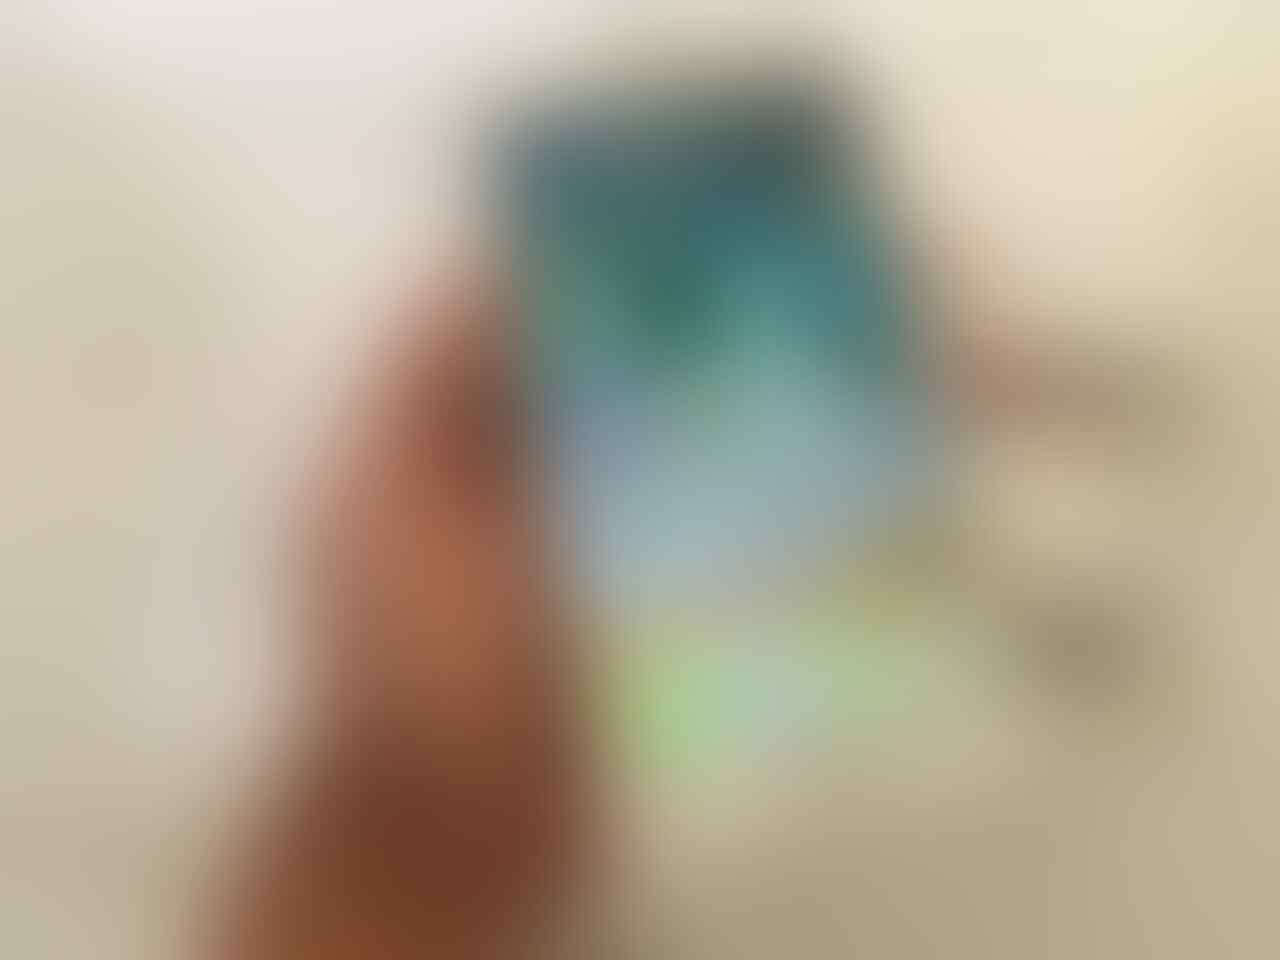 IPHONE 6 PLUS GOLD 64GB FULL ORI FULLSET NORMAL MURAAAHH 4250 SAJA [MALANG]